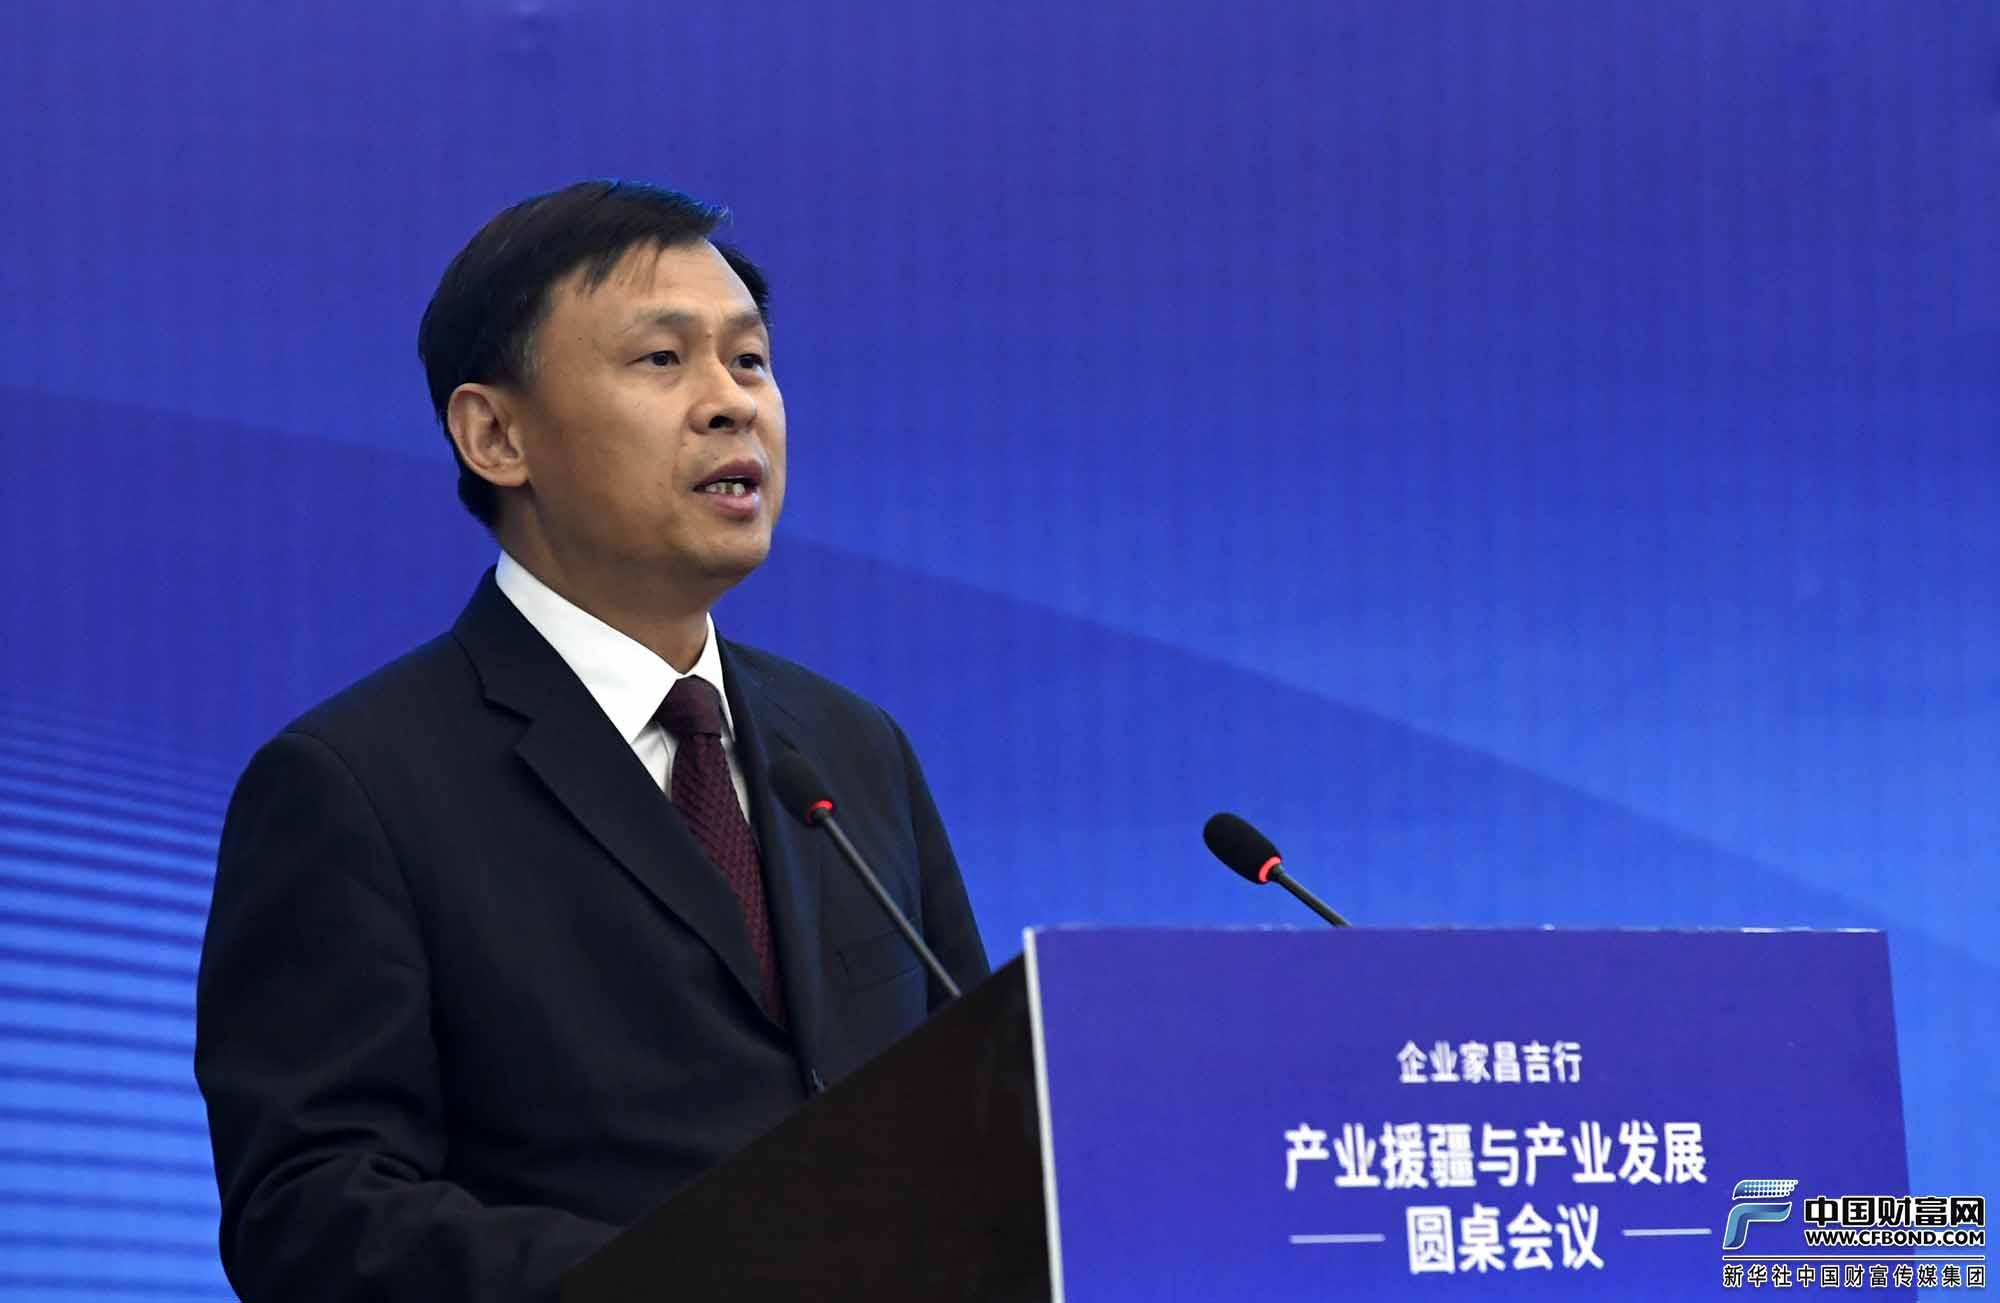 昌吉州党委书记王国和致辞